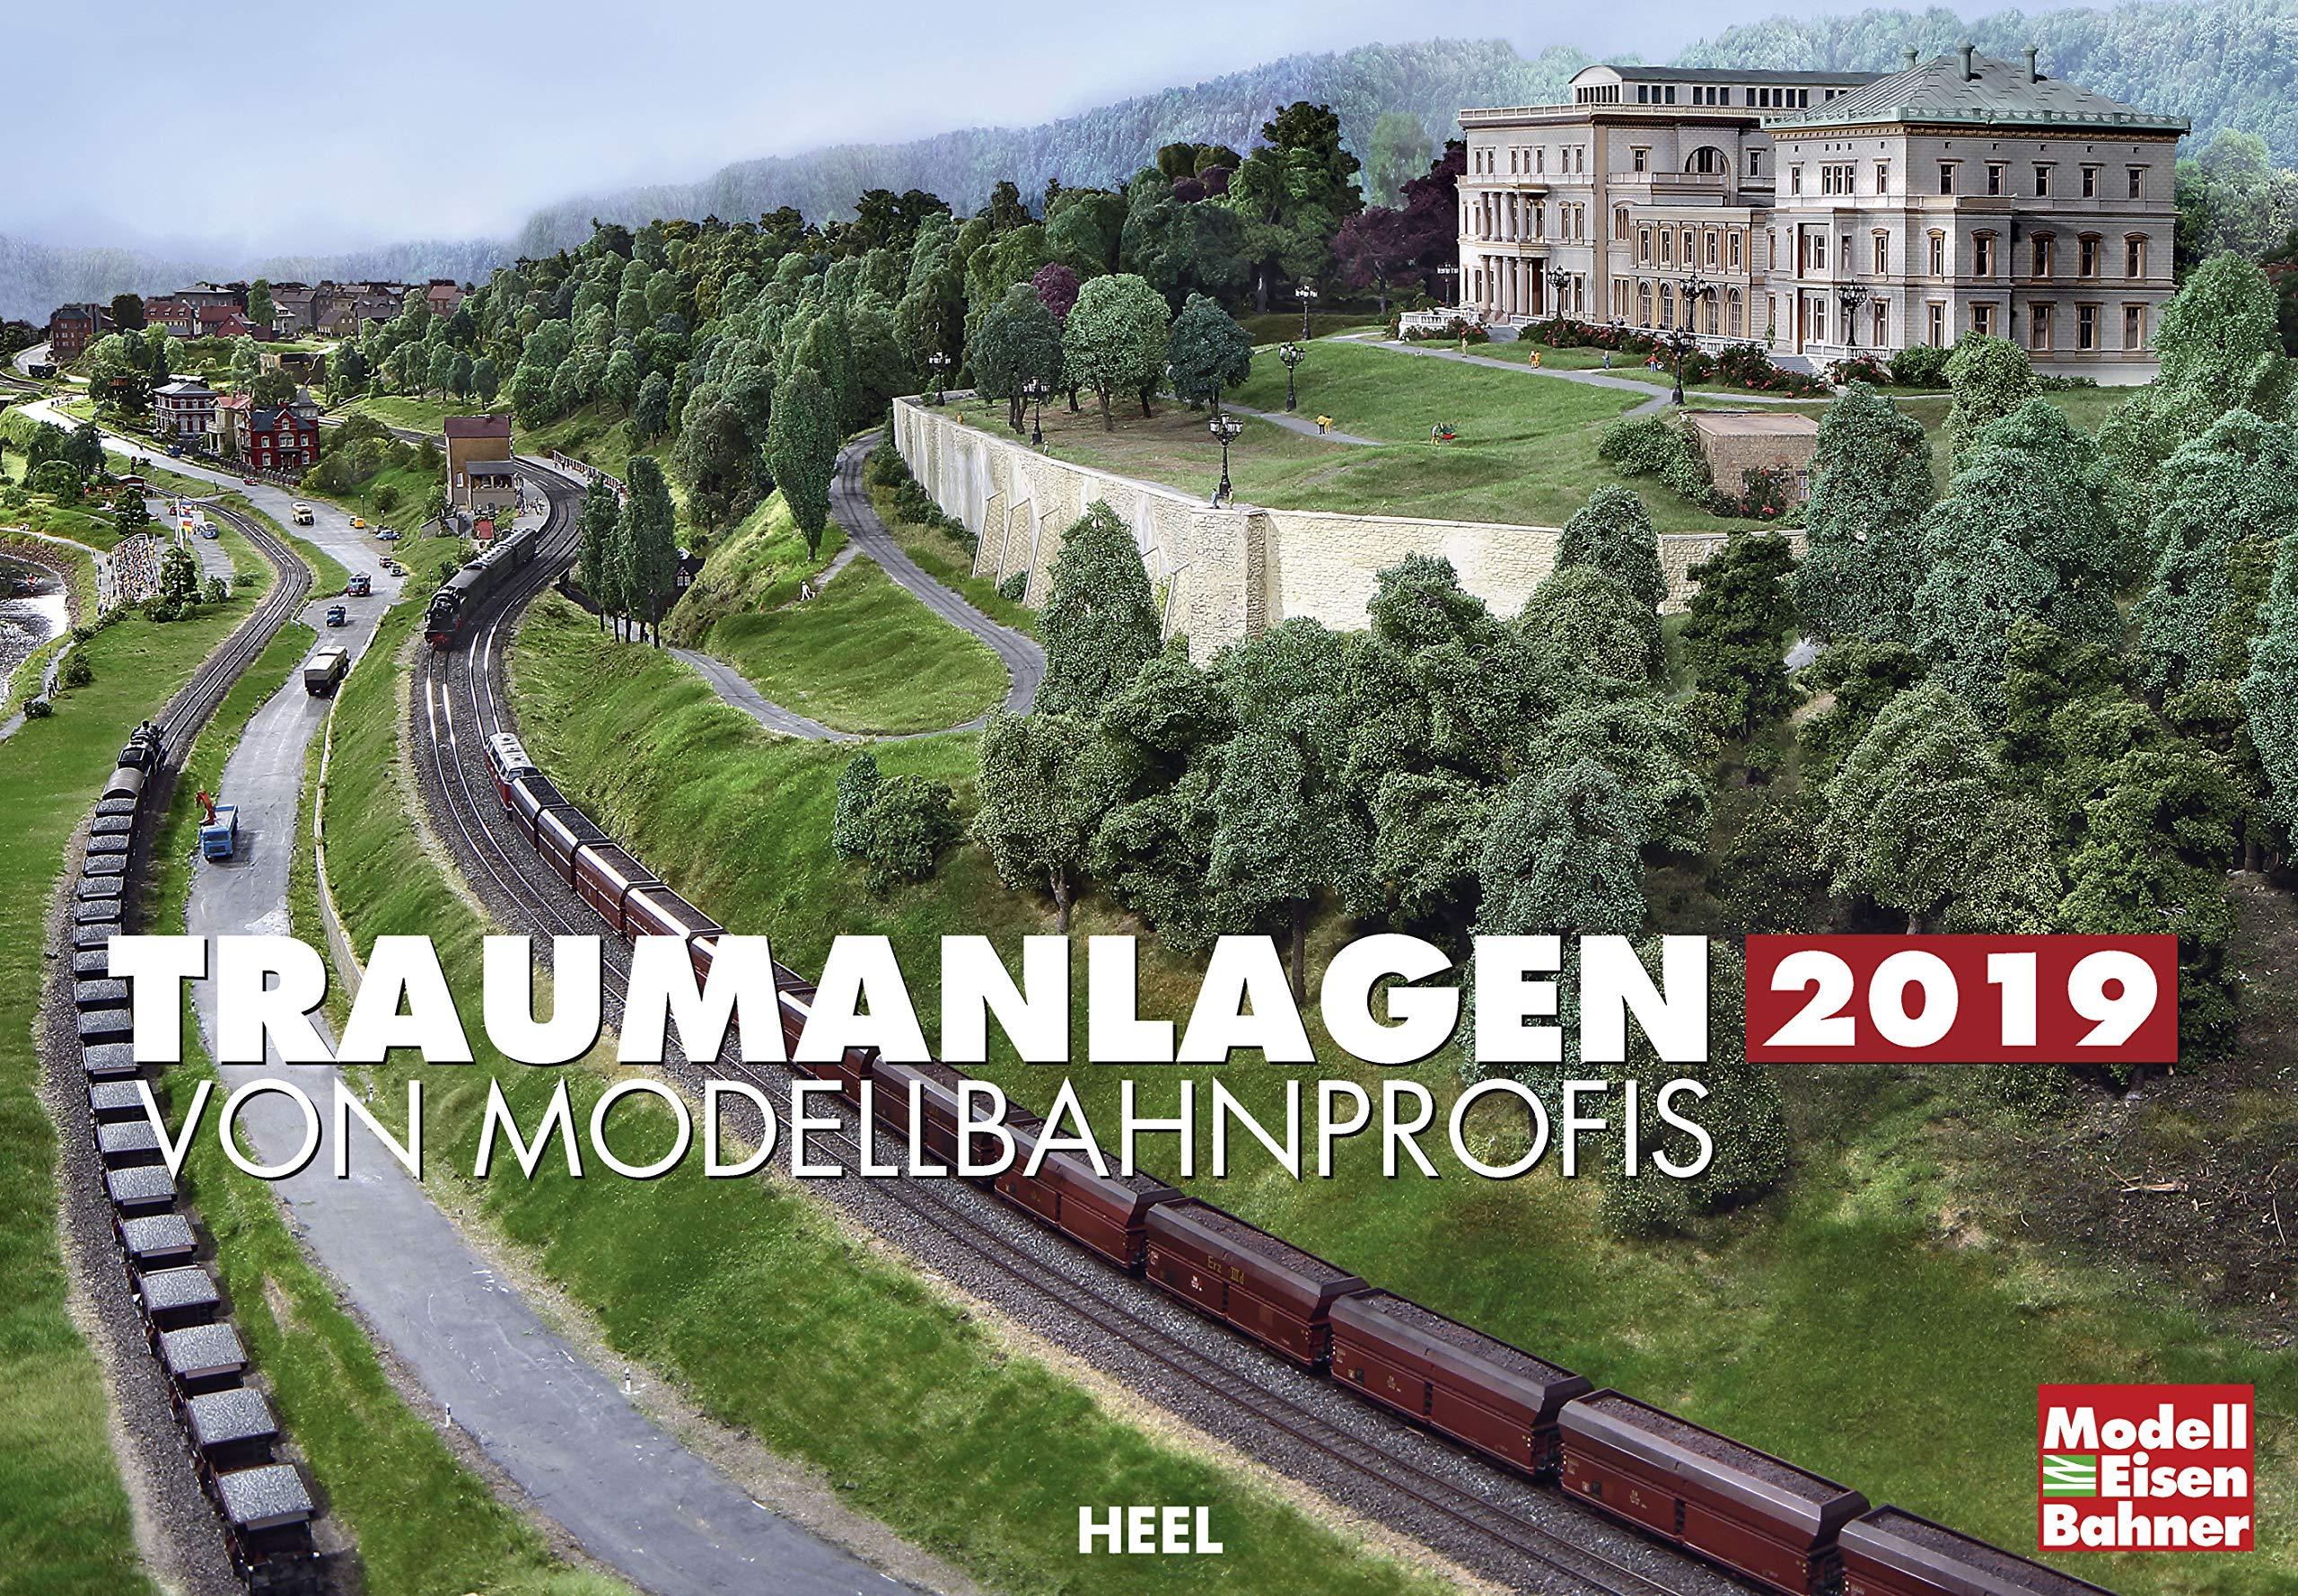 Traumanlagen Von Modellbahnprofis 2019  Modellbahn Träume Werden Wahr